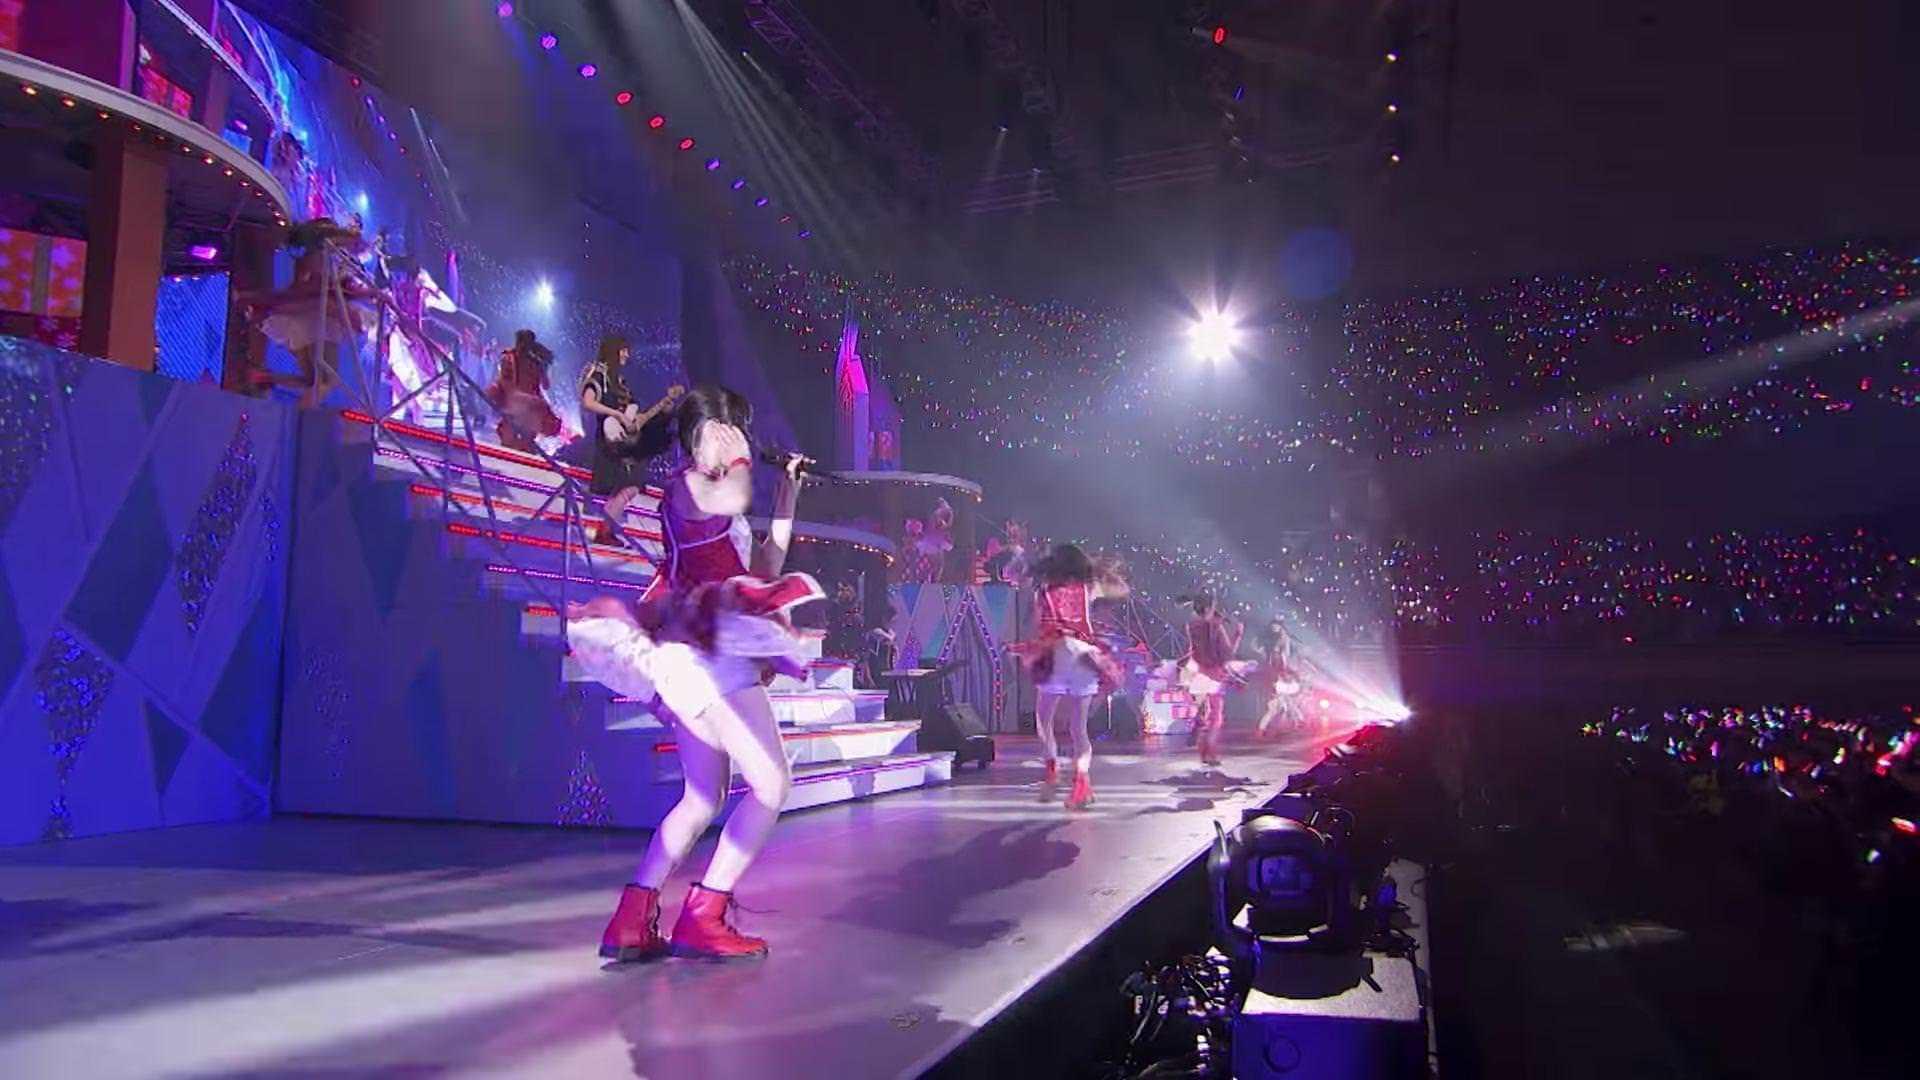 乃木坂46 The Best Selection of Under Live